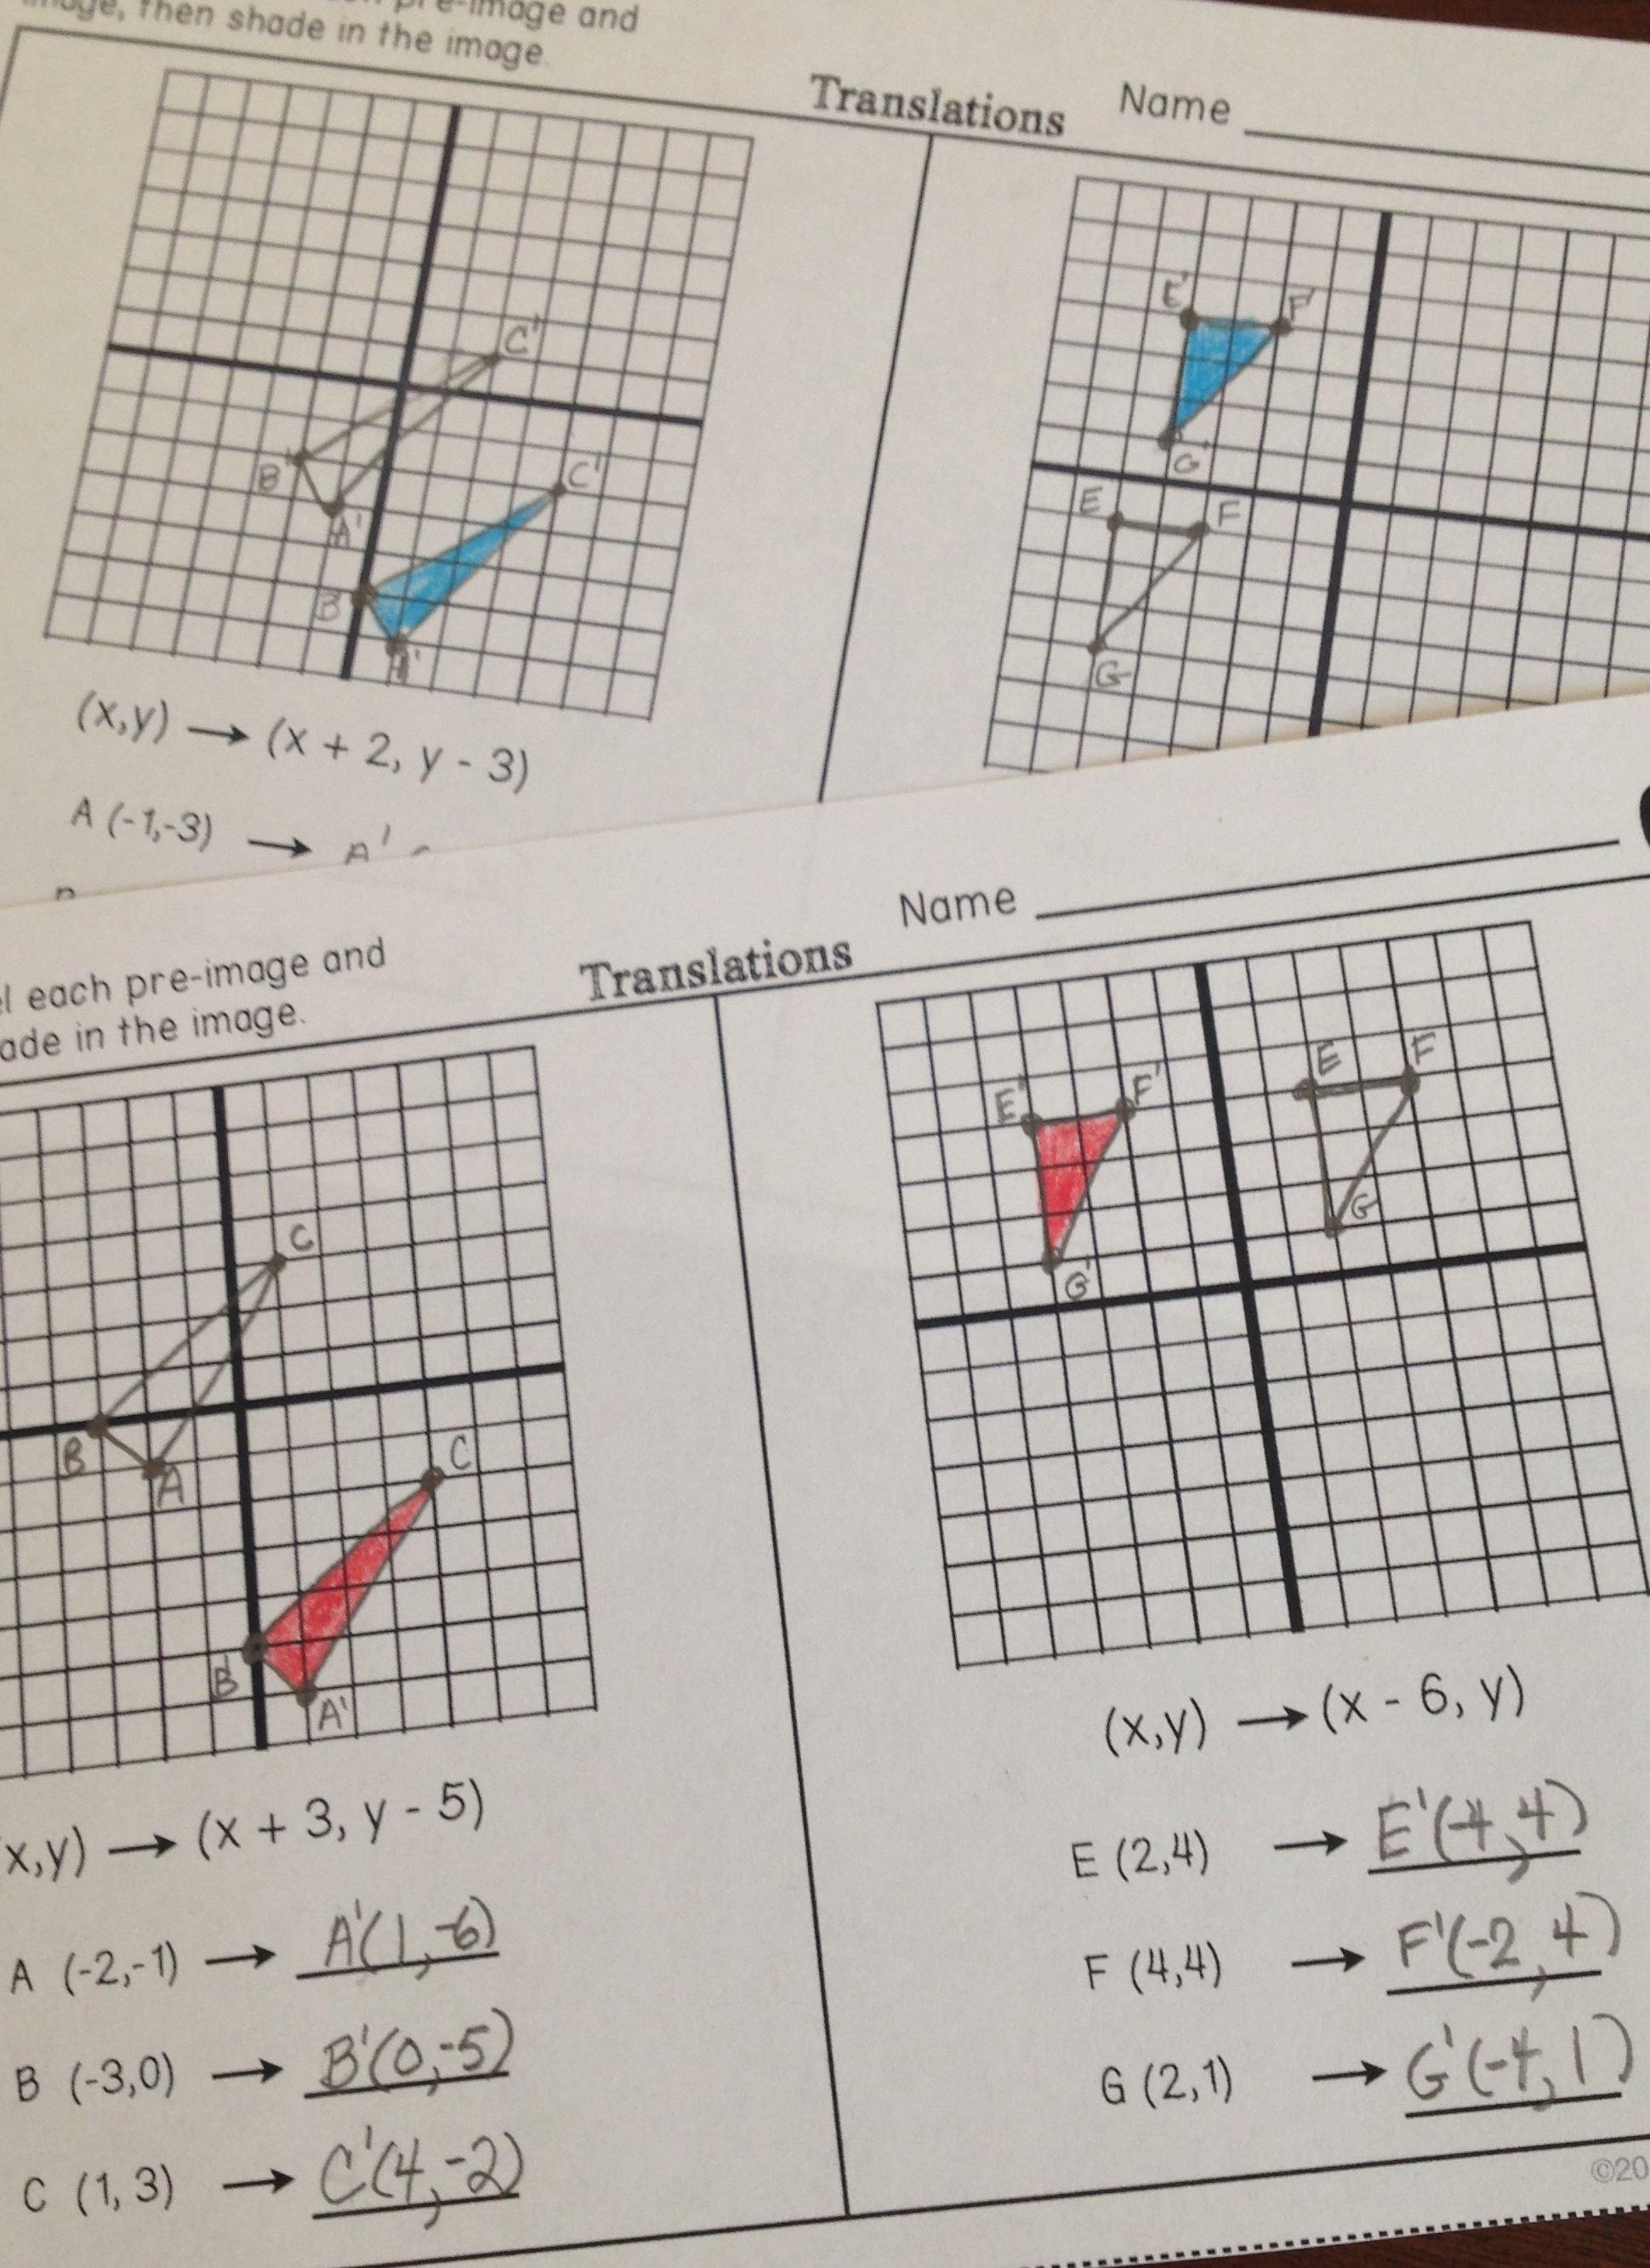 Rotations Worksheet 8th Grade New Rotation Worksheets